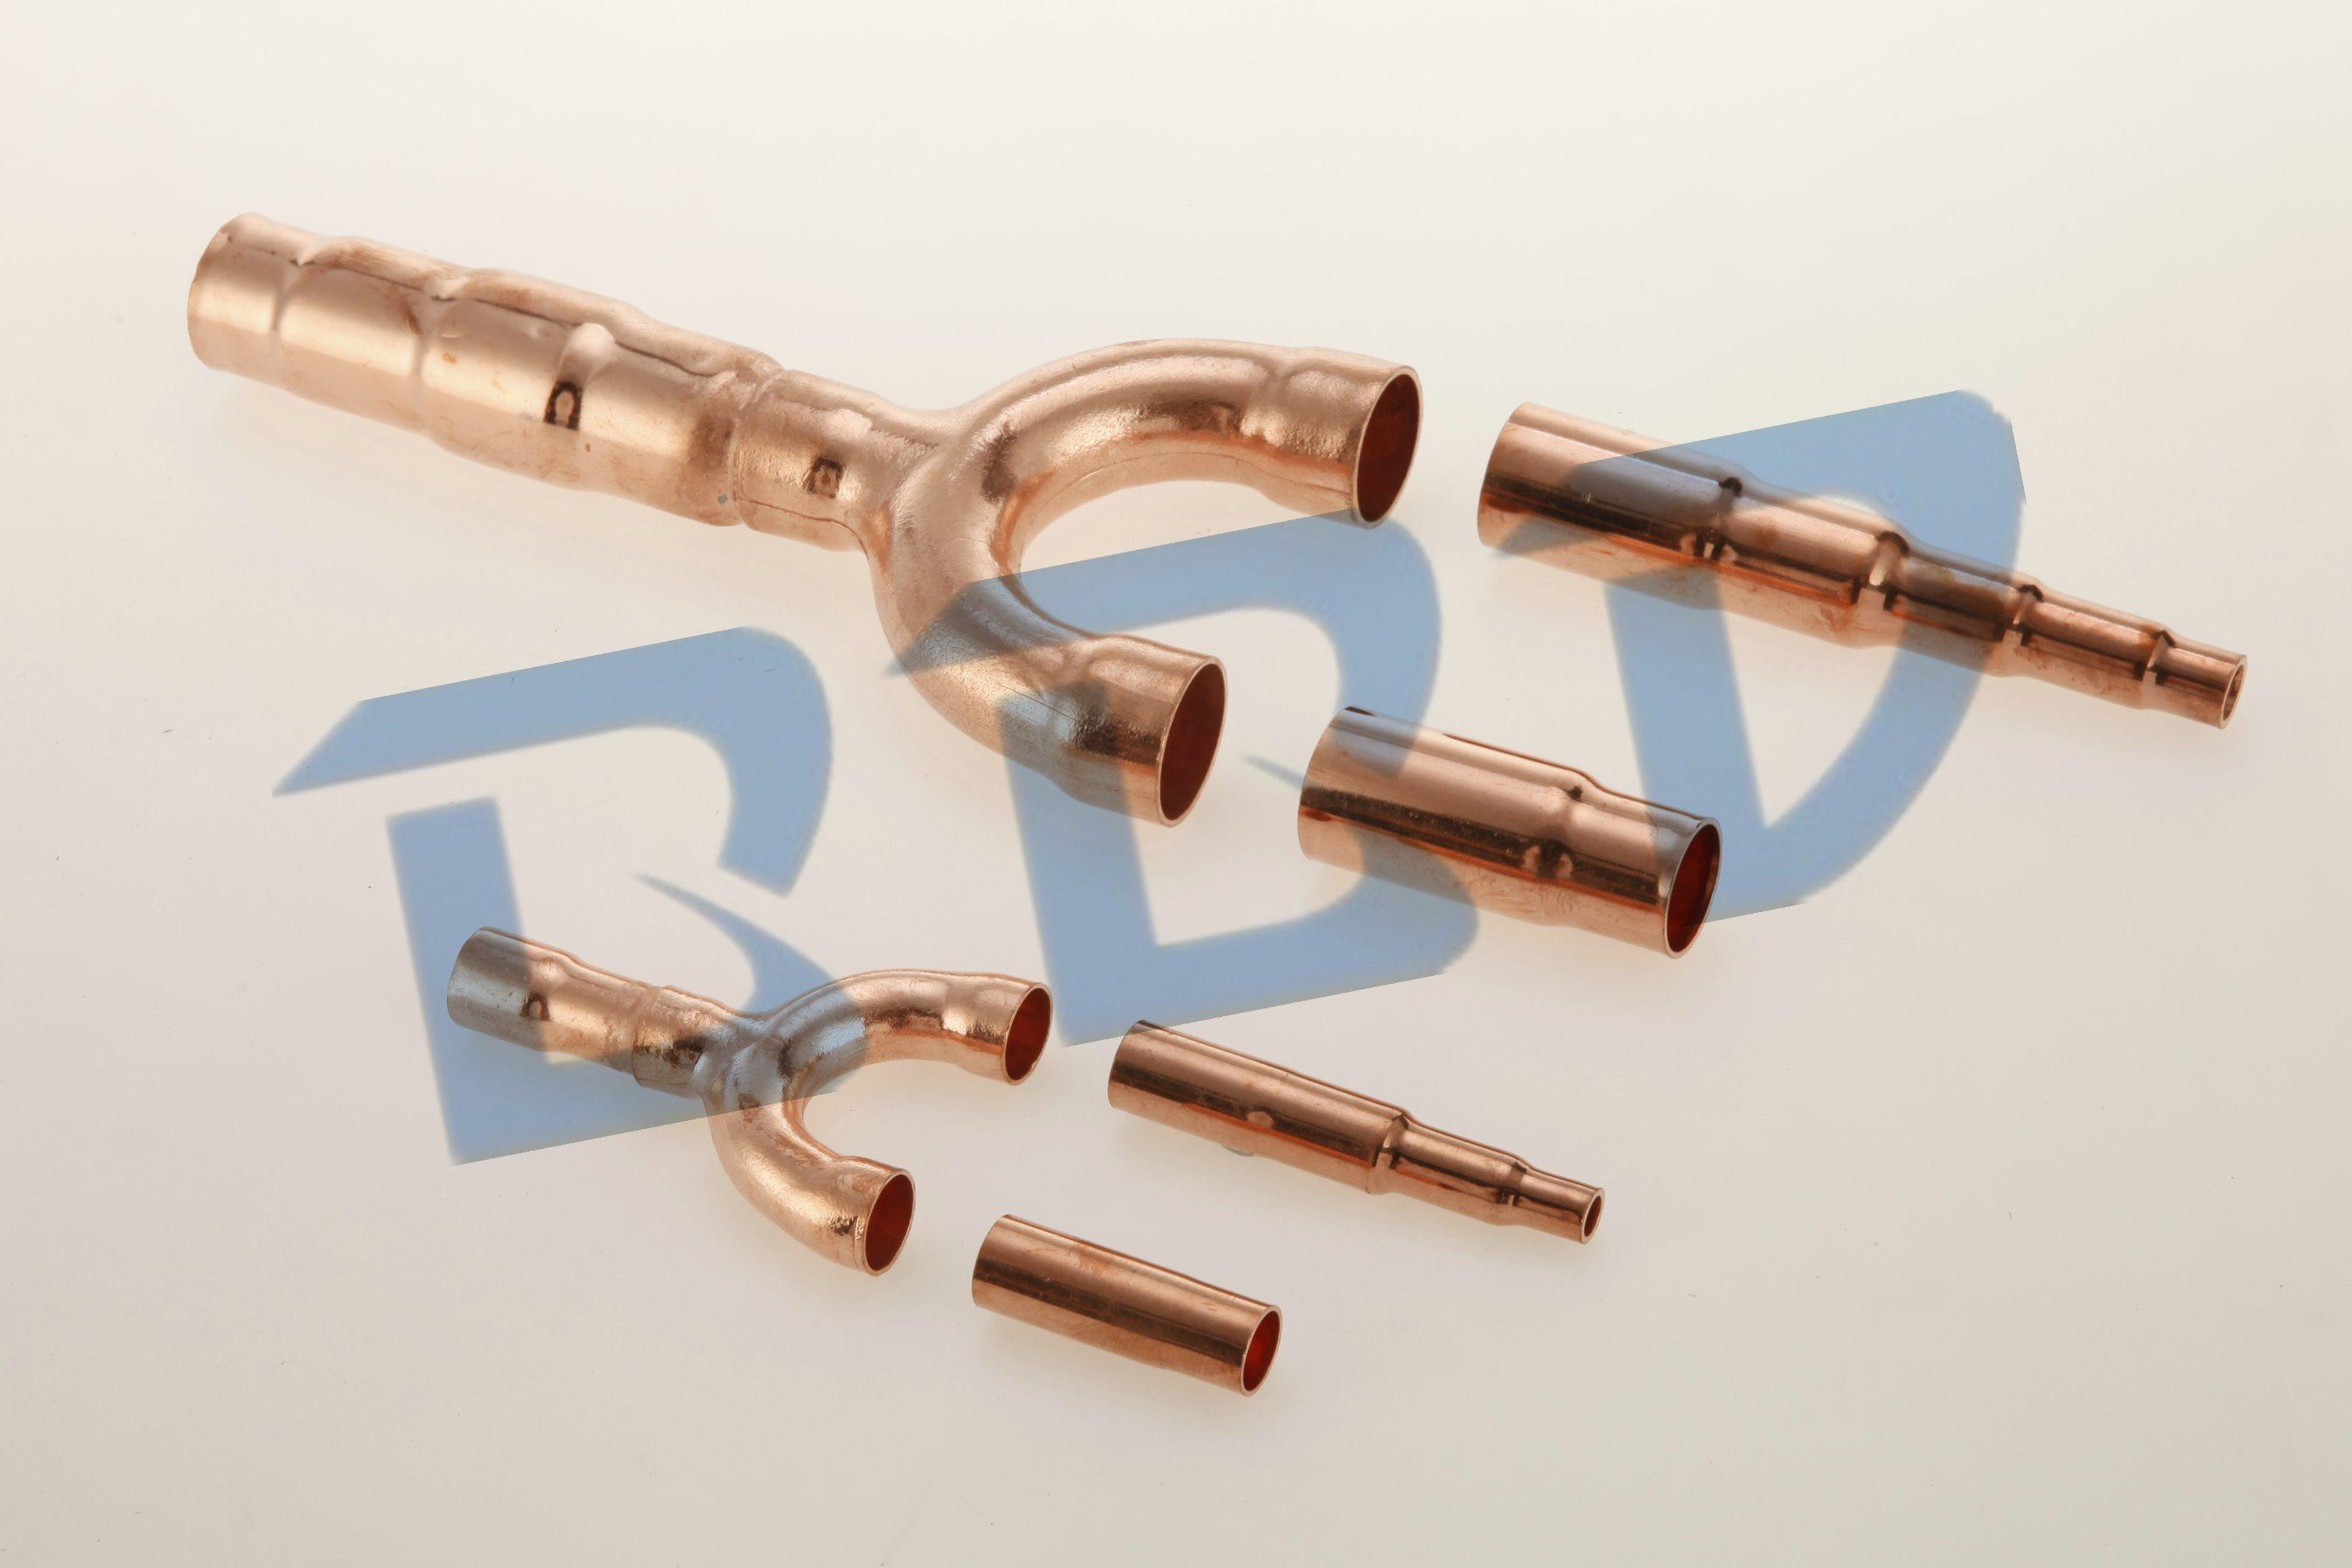 Vrv/Vrf Branch Pipe for Toshiba Rbm-By205e